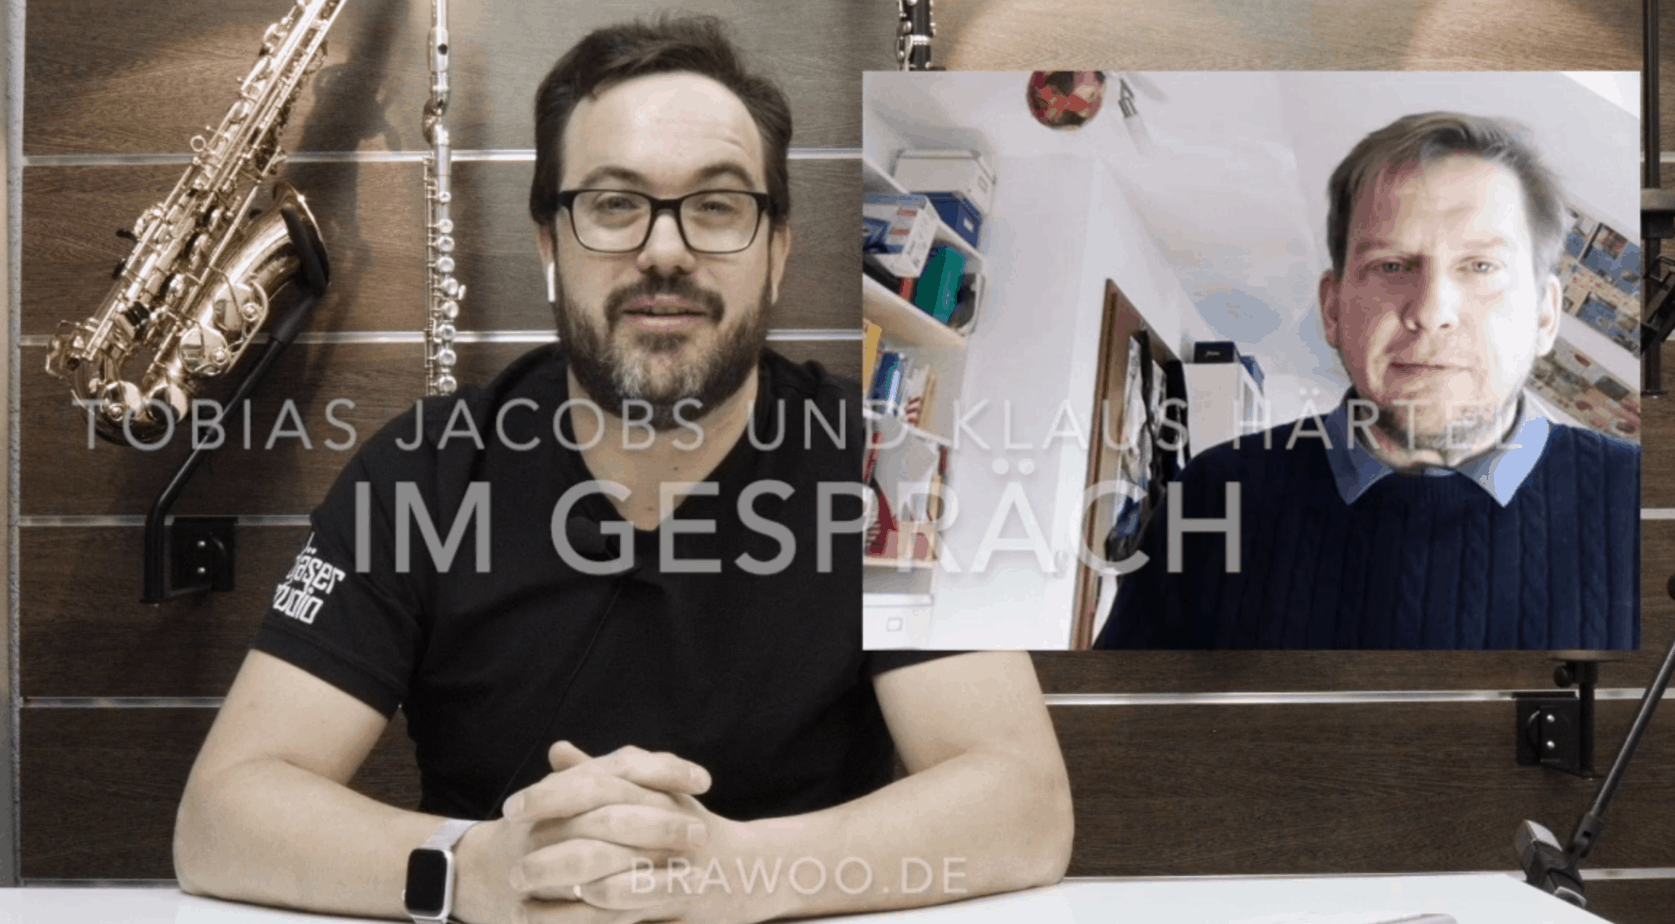 Corona und der Musikalienhandel: Tobias Jacobs, Bläserstudio Koblenz